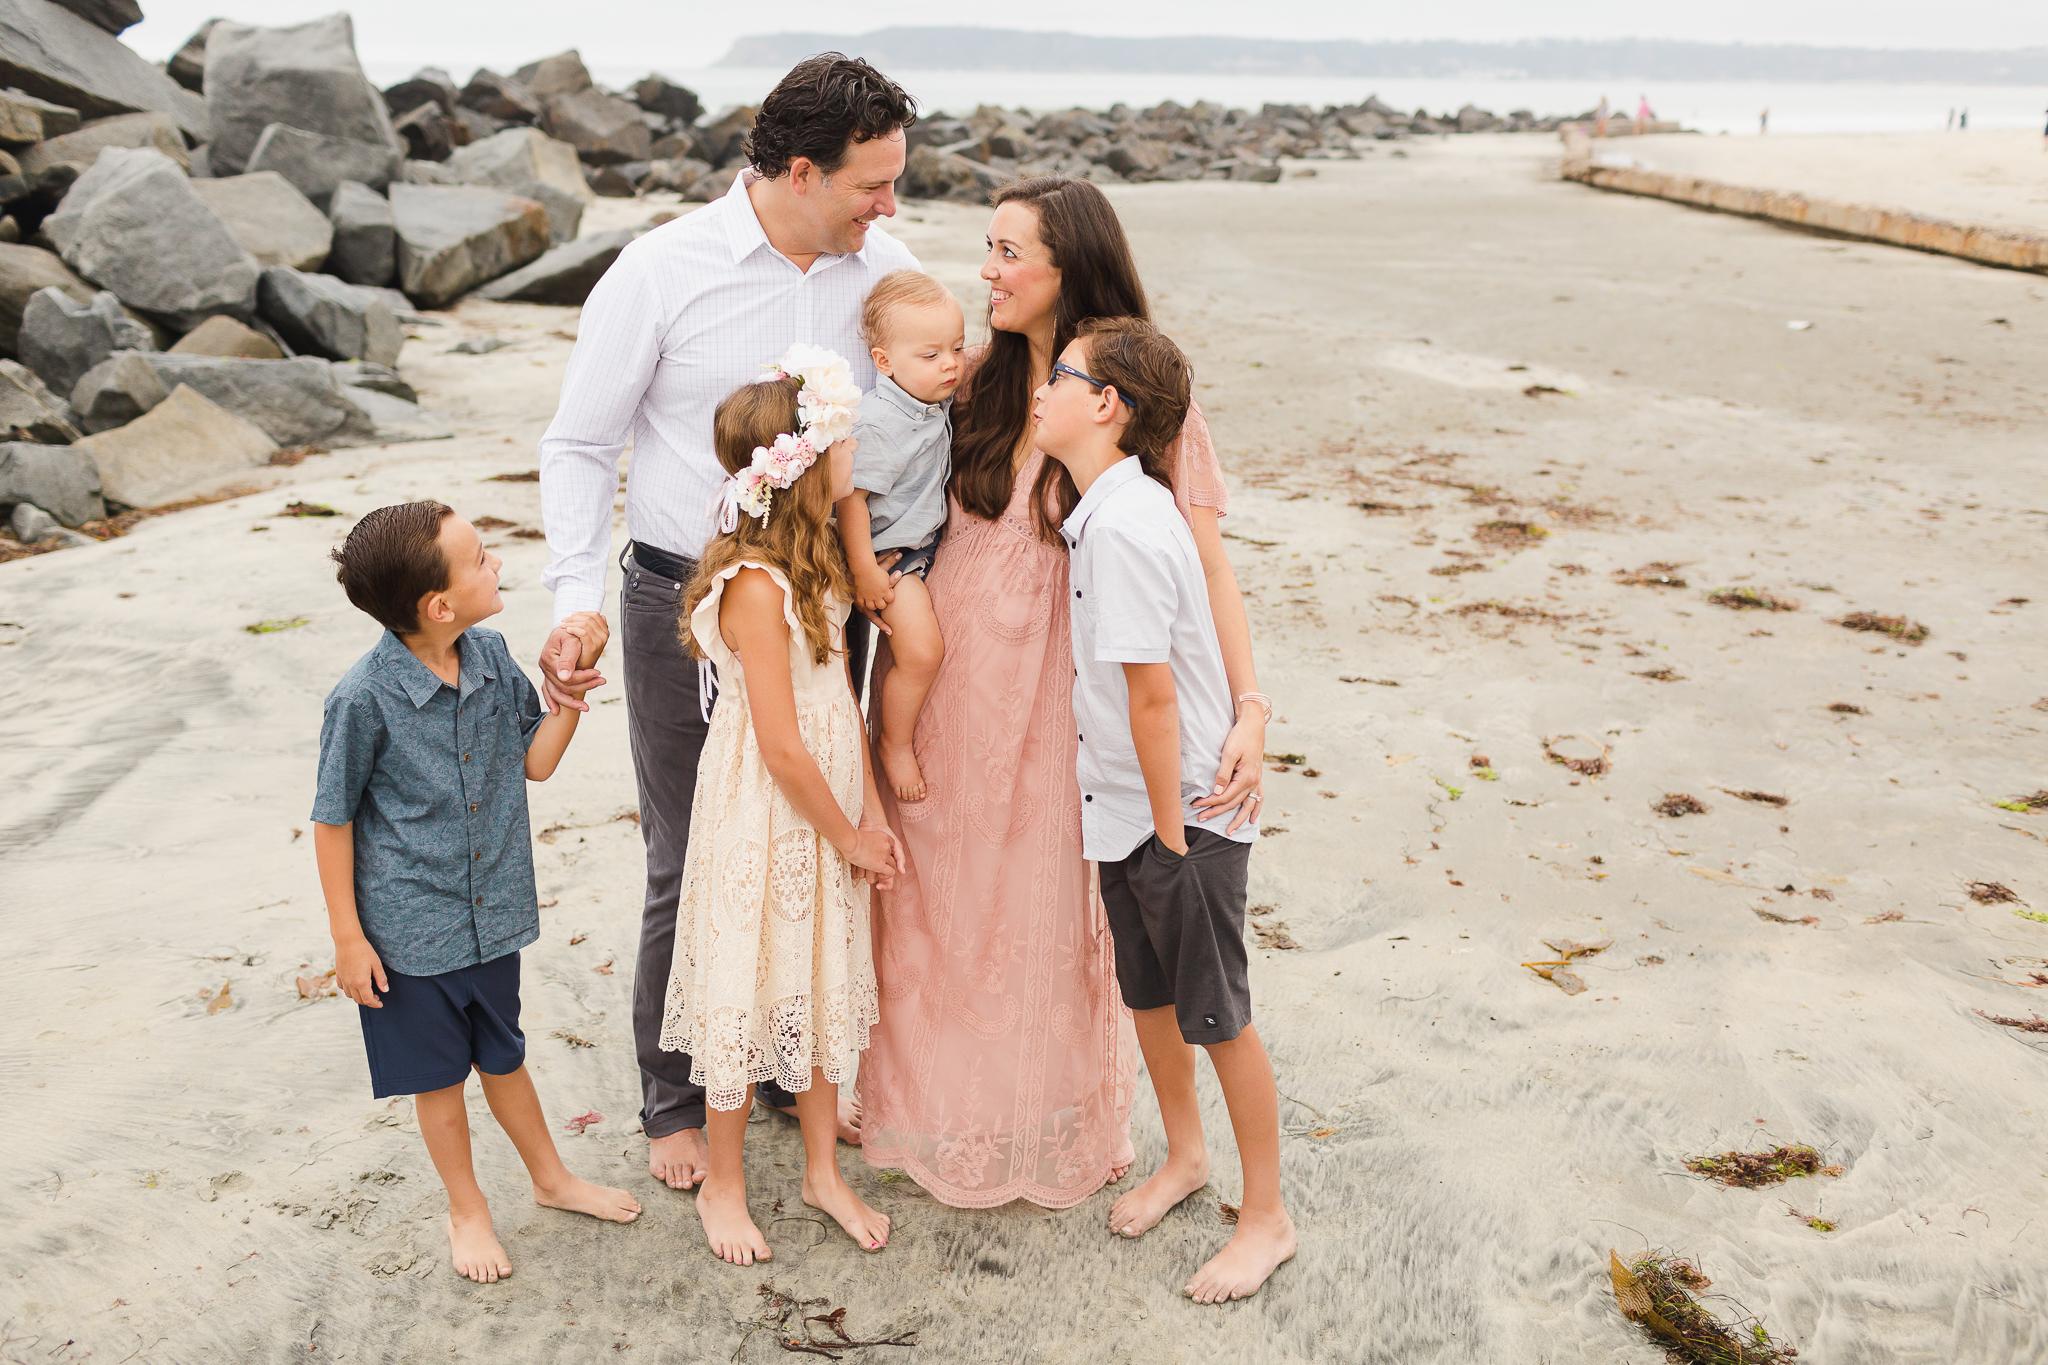 Coronado-Family-Photographer-Vacation-Photos-WS-9.jpg